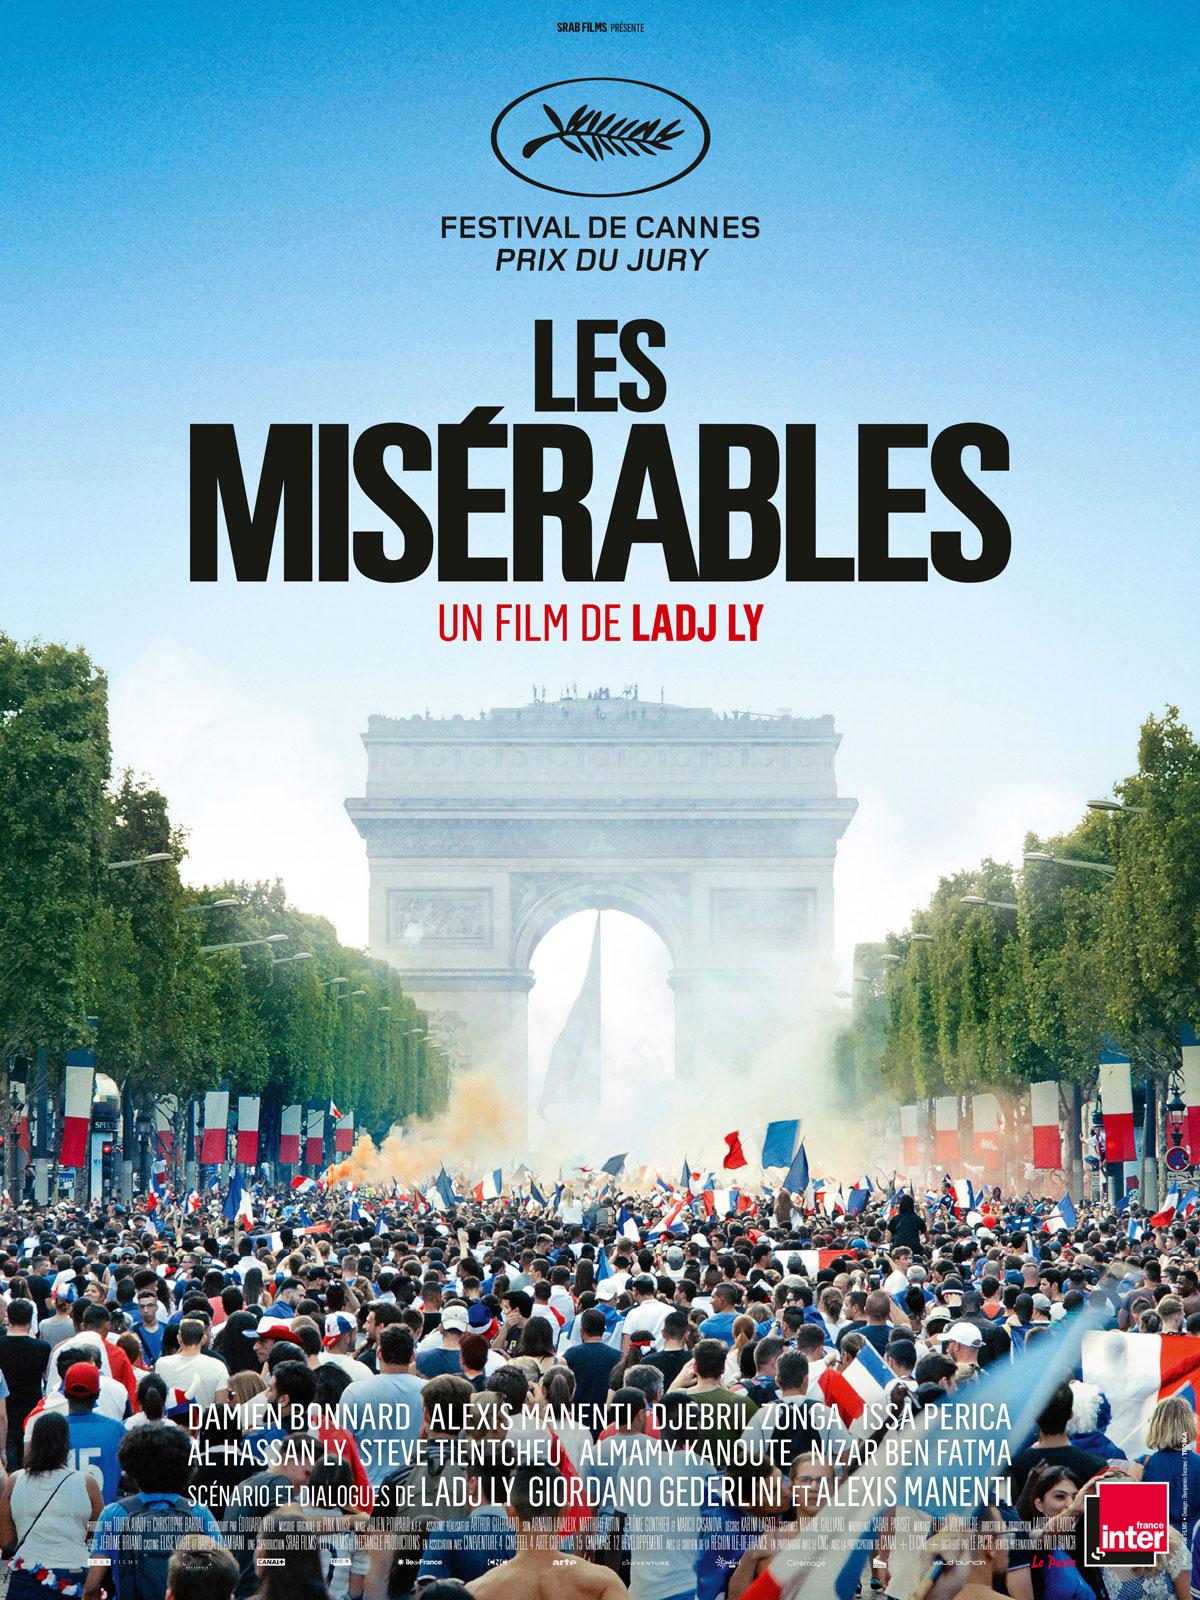 AfficheLes Misérables